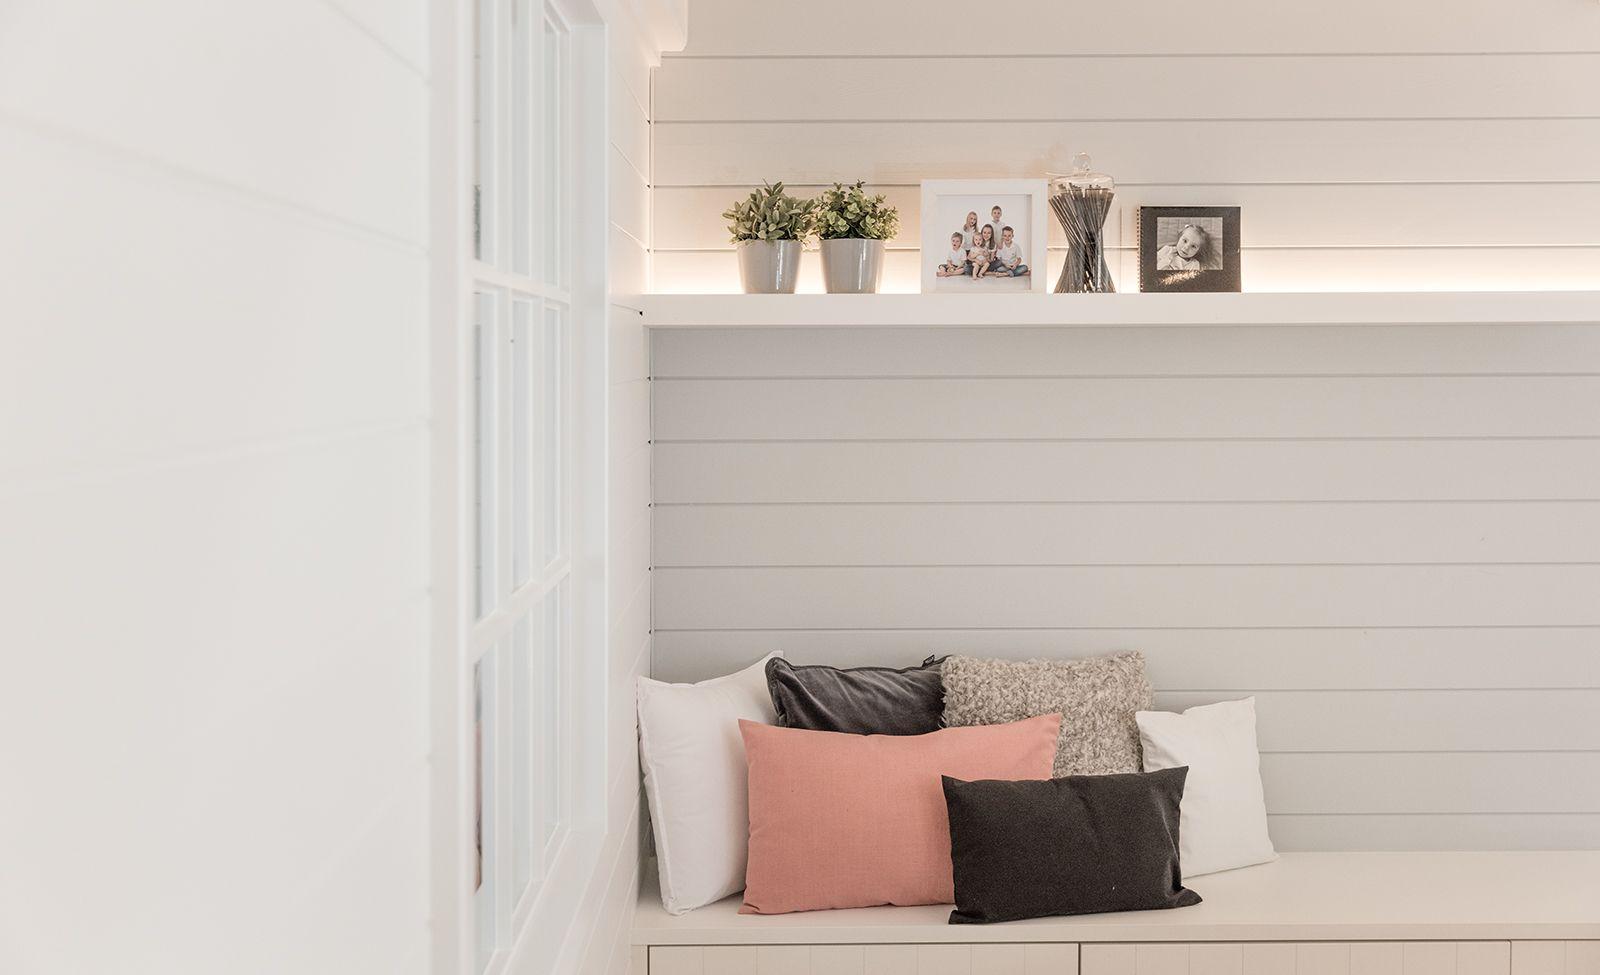 Houtmassiefbouw interieur realisaties - Kleurkaart kleur interieur verf ...